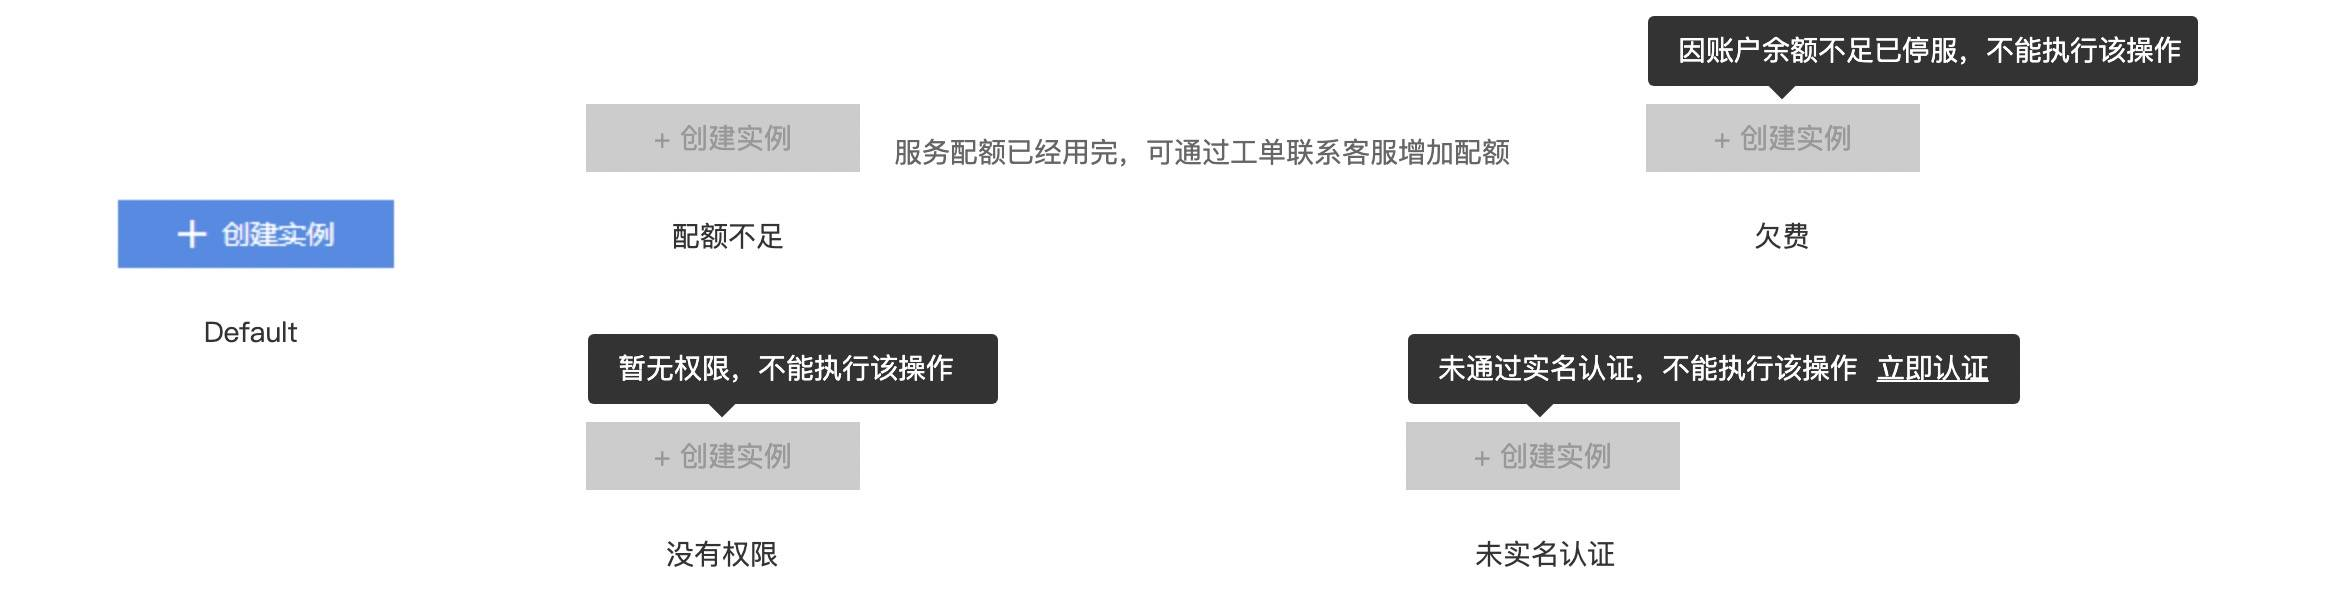 To B 产品交互的经验分享——以某云计算平台为例